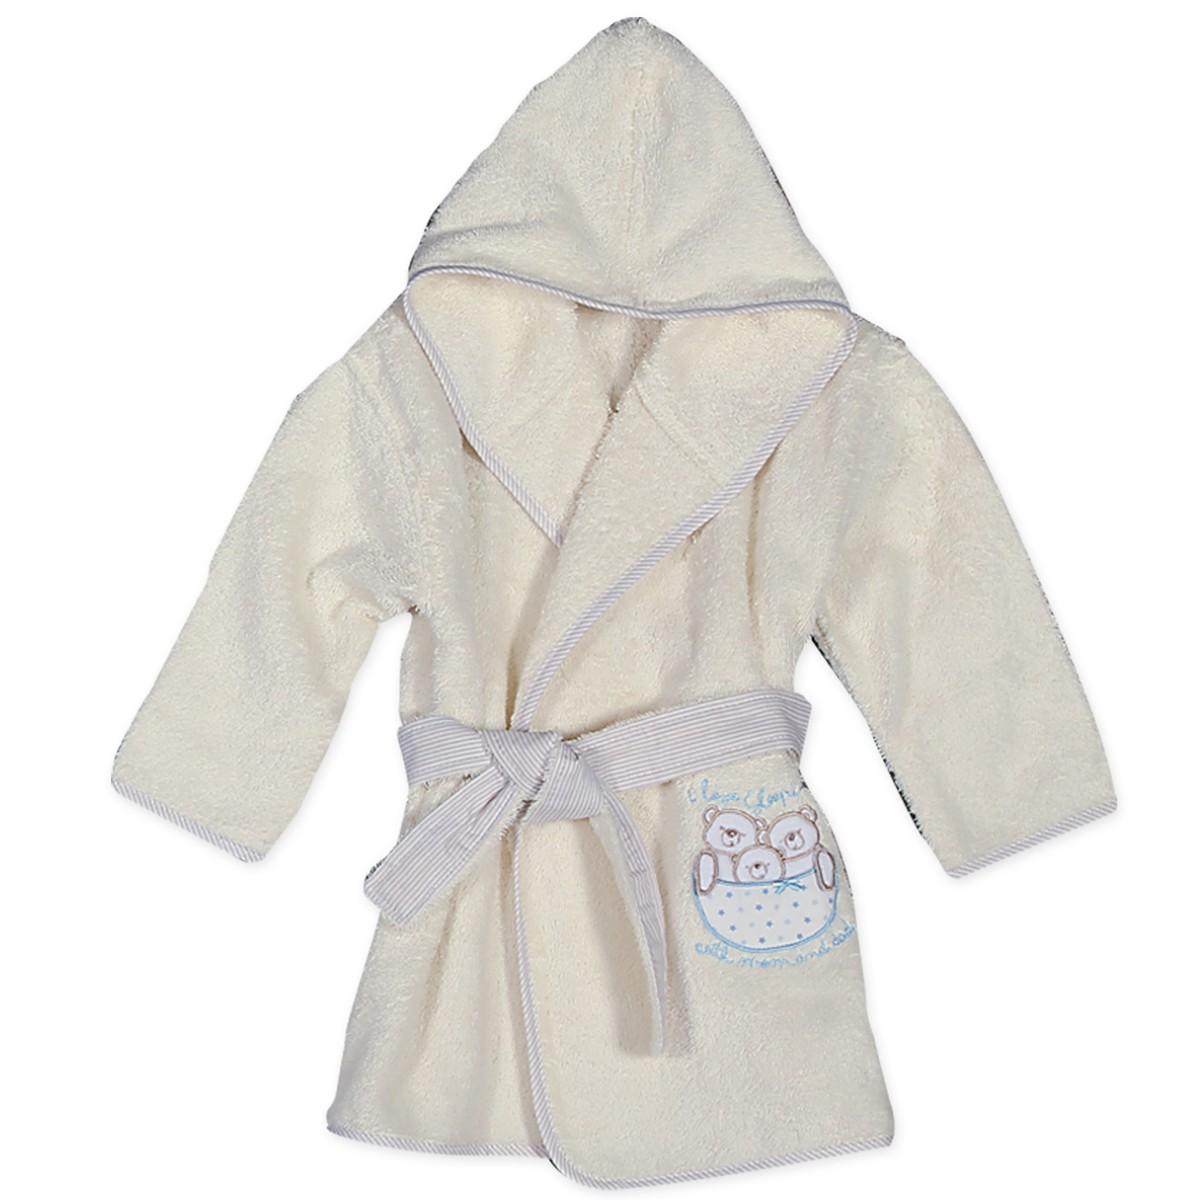 Βρεφικό Μπουρνούζι Nef-Nef Baby Happy Dreams Νο2 Νο2 76660